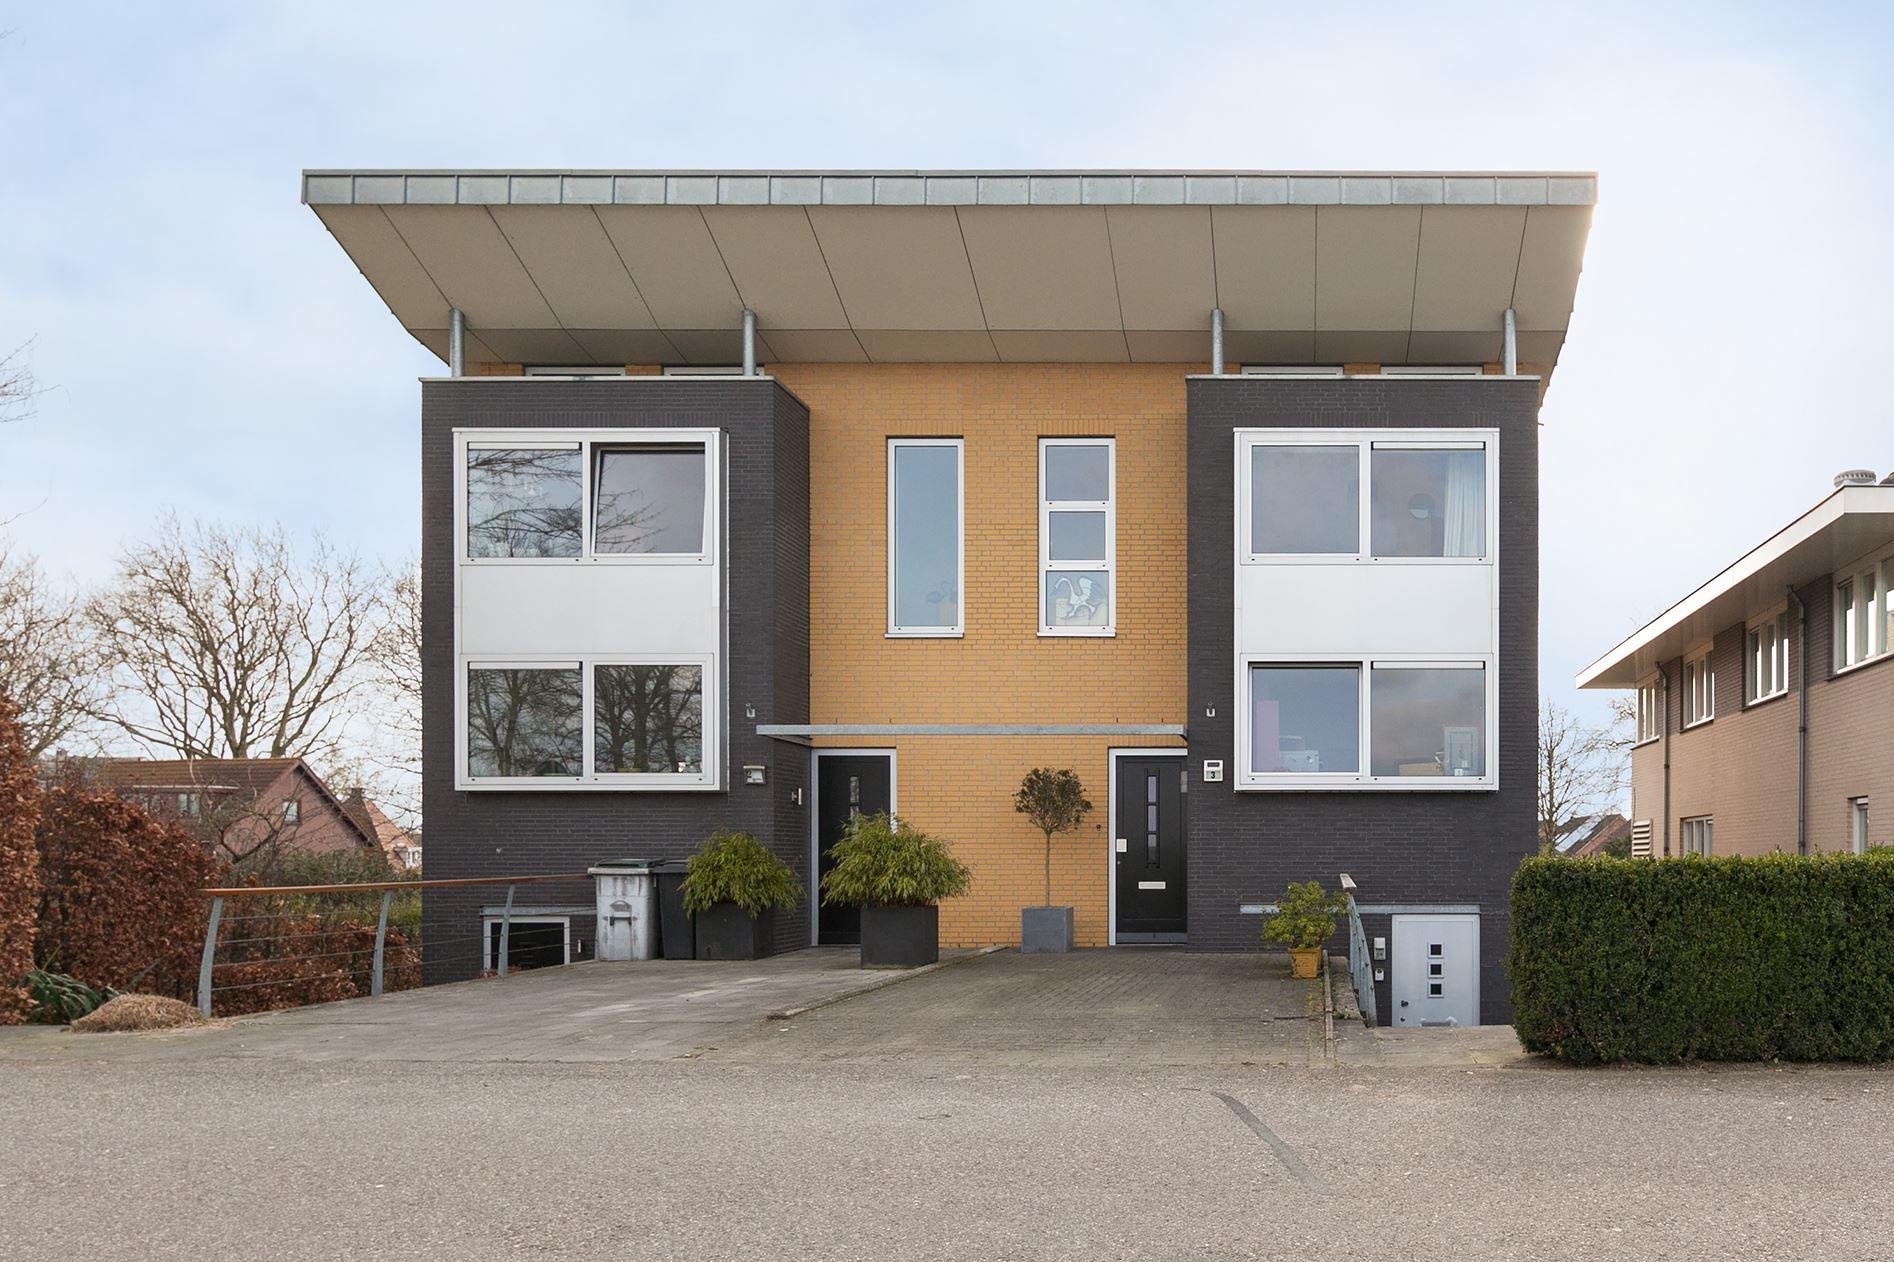 Verkocht winterdijk 3 6851 ms huissen funda for Funda dubbele bewoning